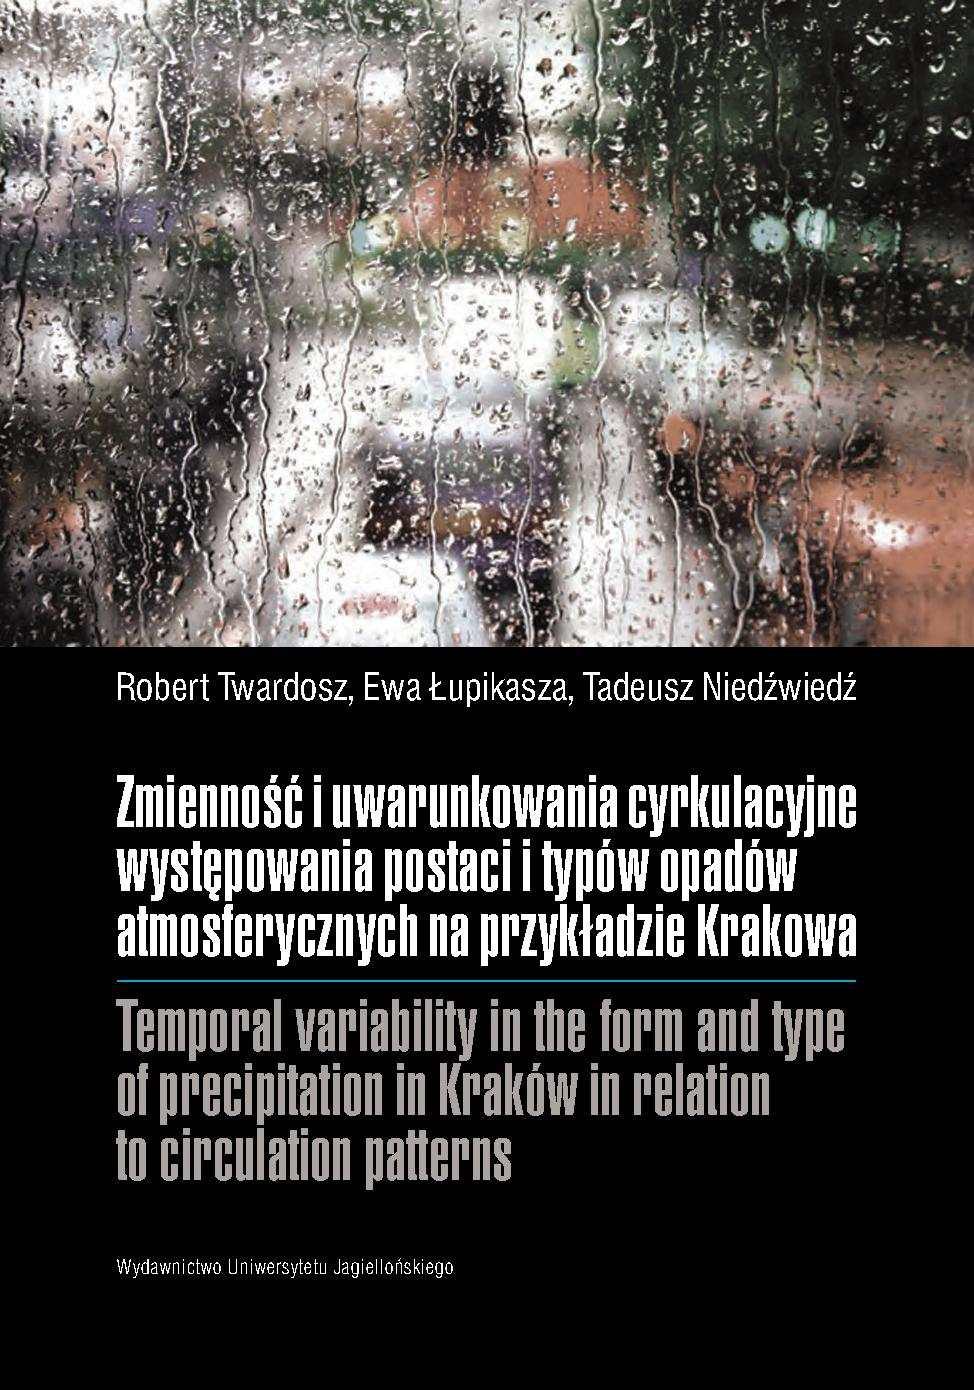 Zmienność i uwarunkowania cyrkulacyjne występowania postaci i typów opadów atmosferycznych na przykładzie Krakowa - Ebook (Książka PDF) do pobrania w formacie PDF